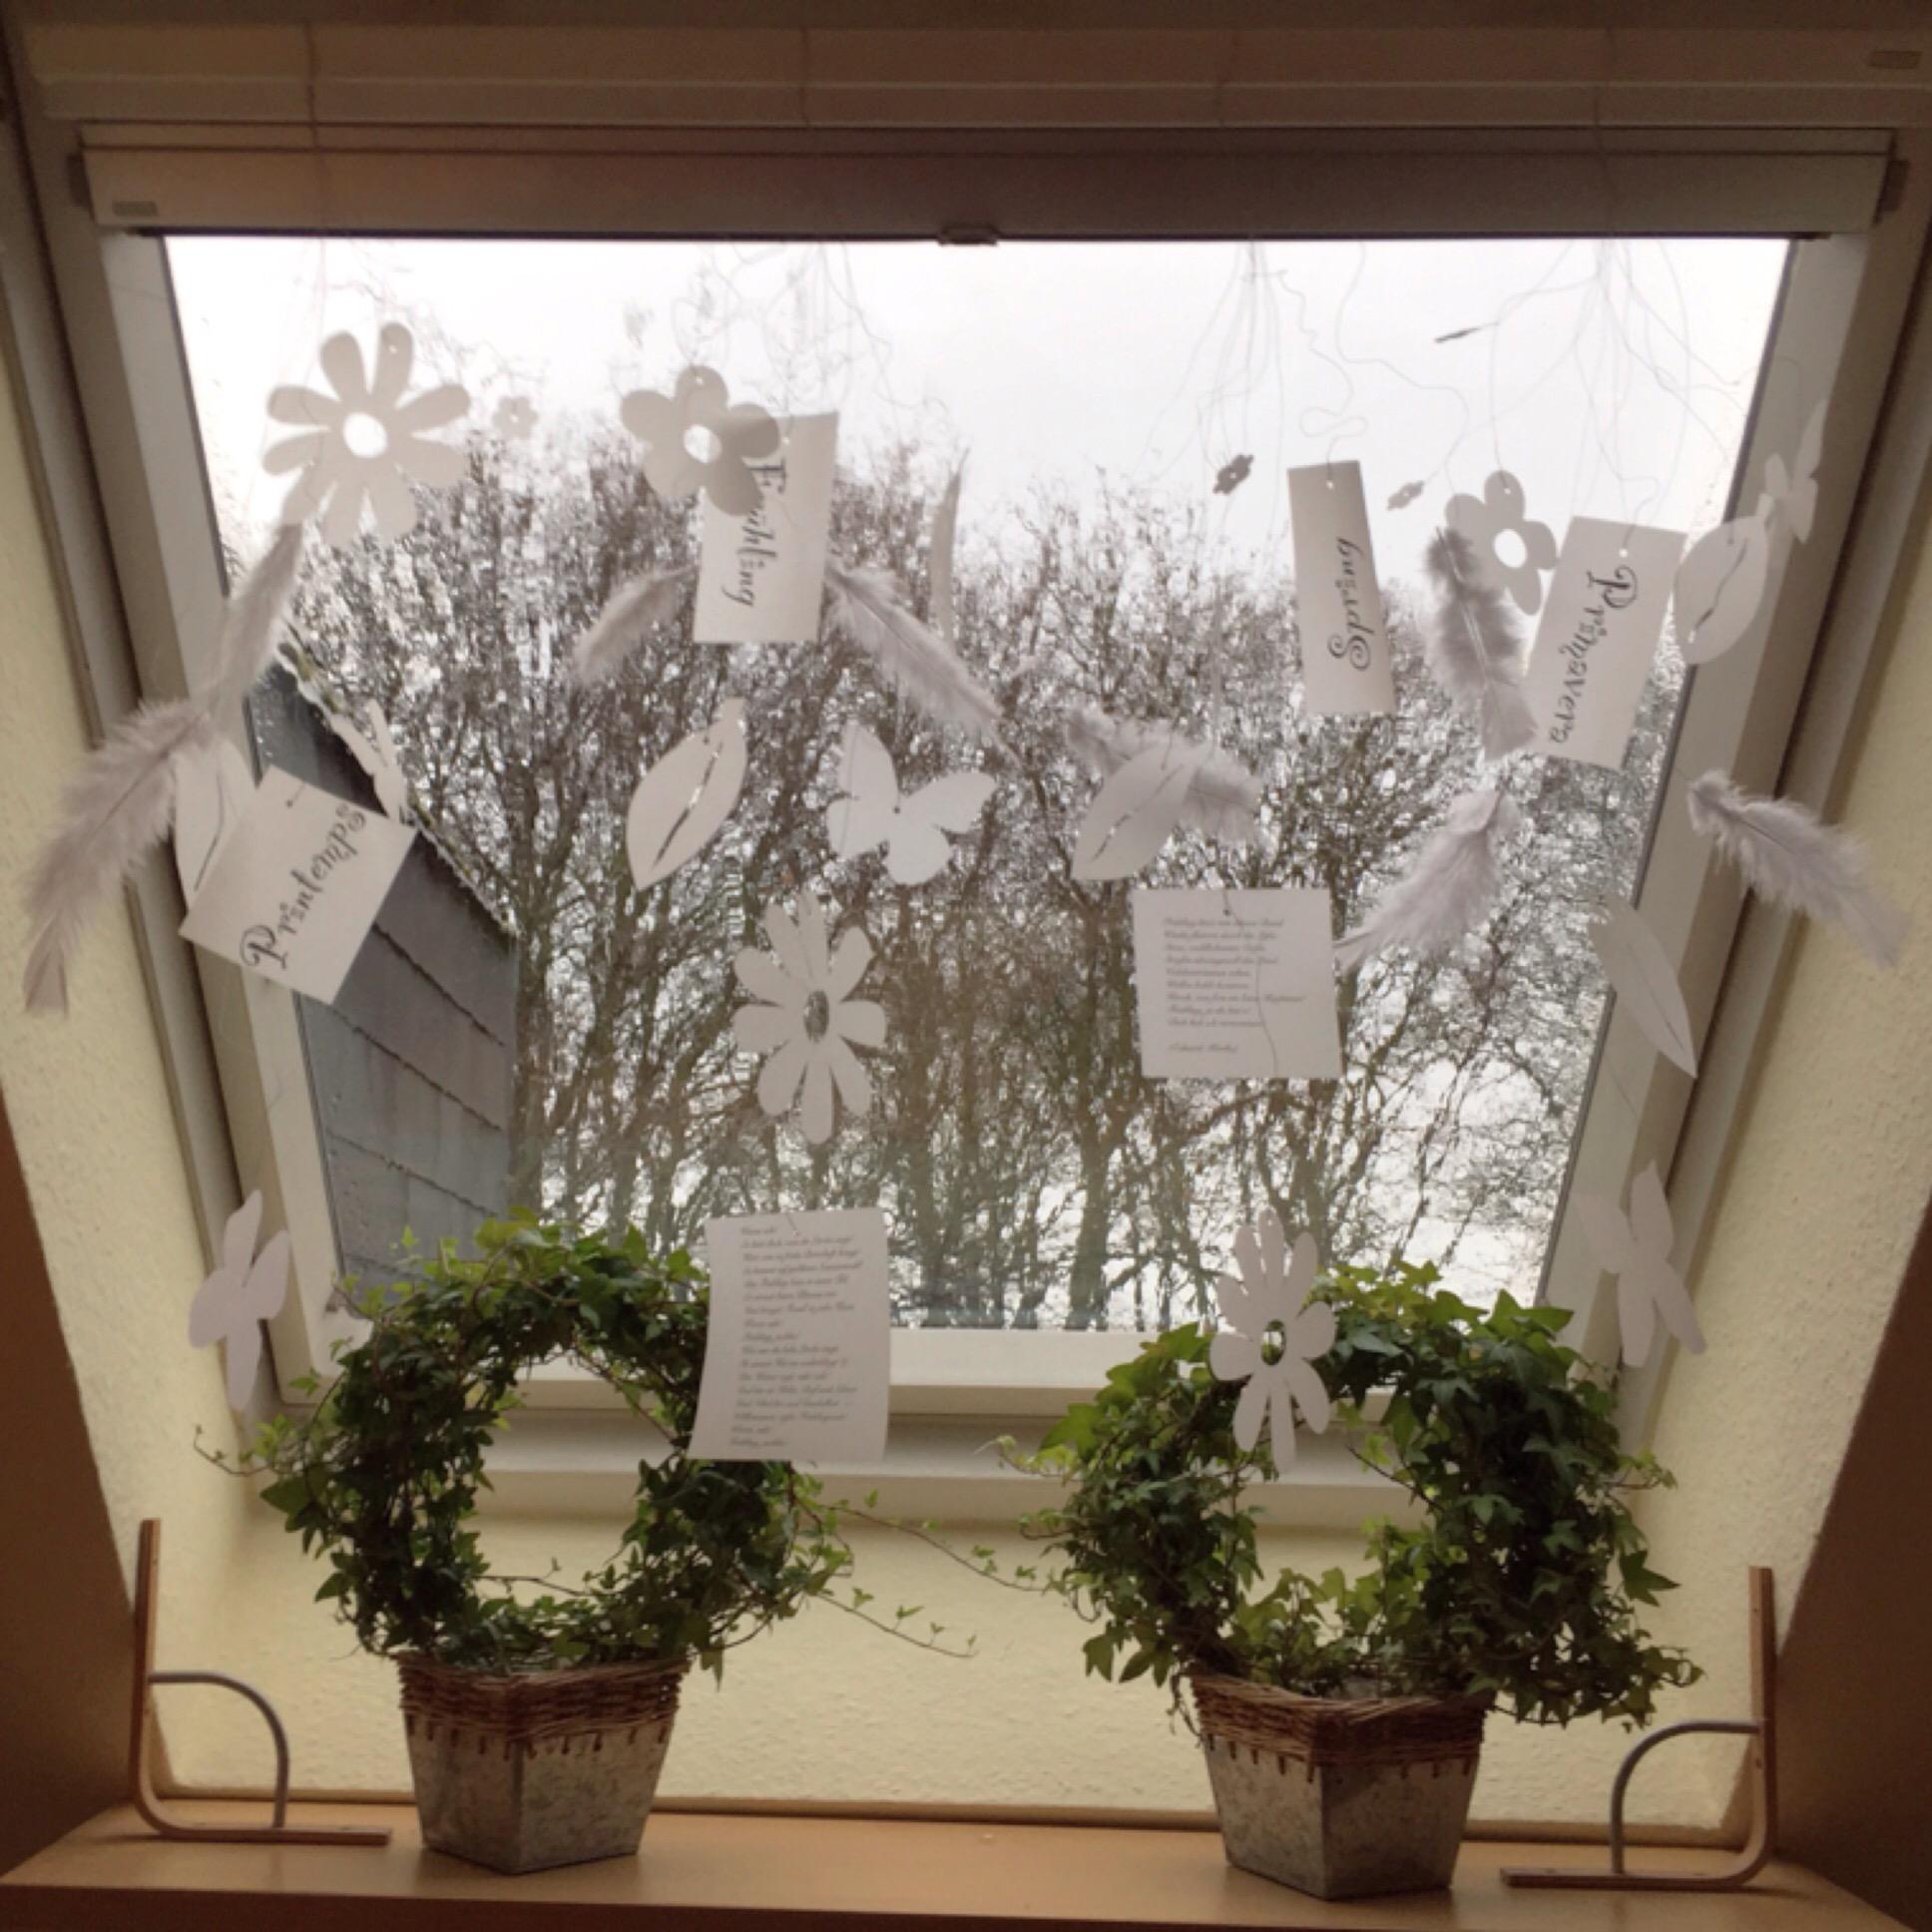 Springtime in White – oder – Am Fenster hängt der Frühling am Draht